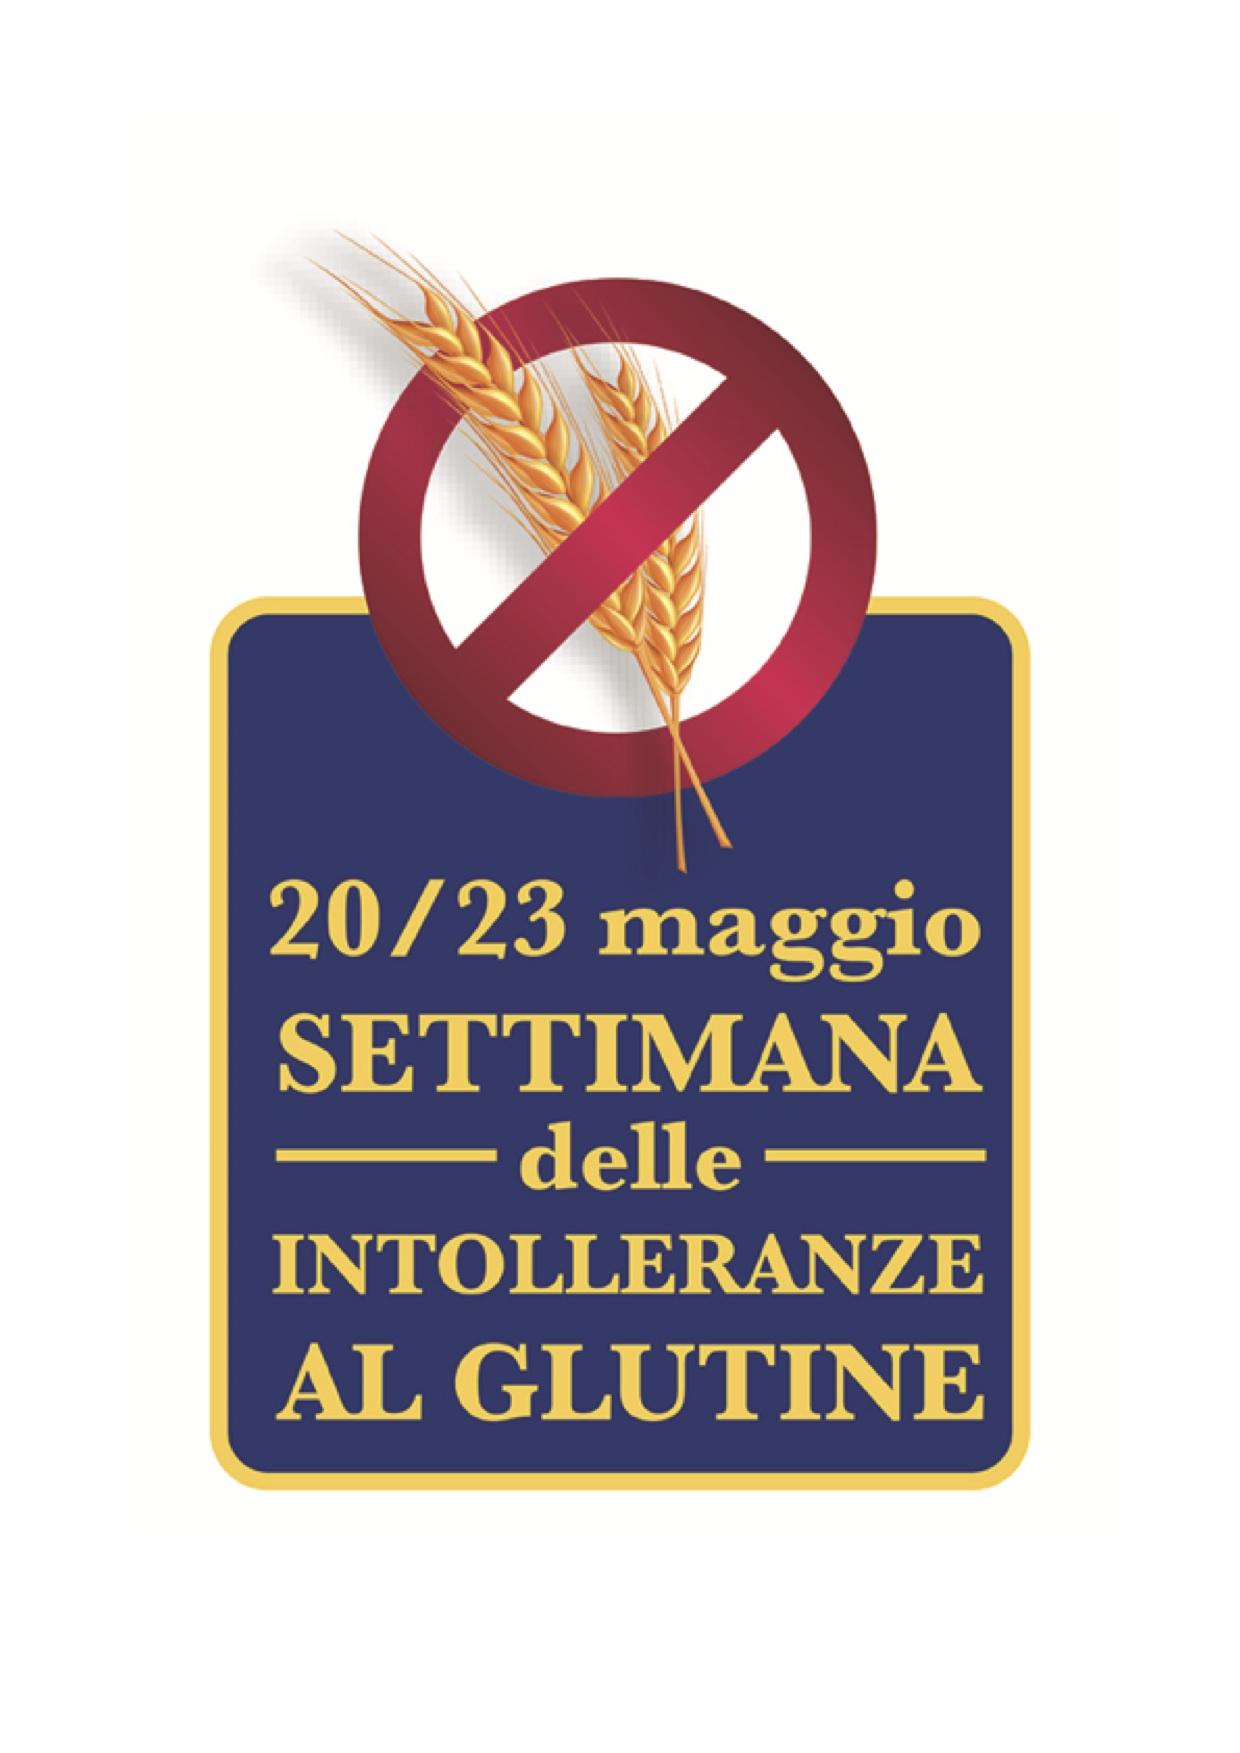 settimana delle intolleranze al glutine